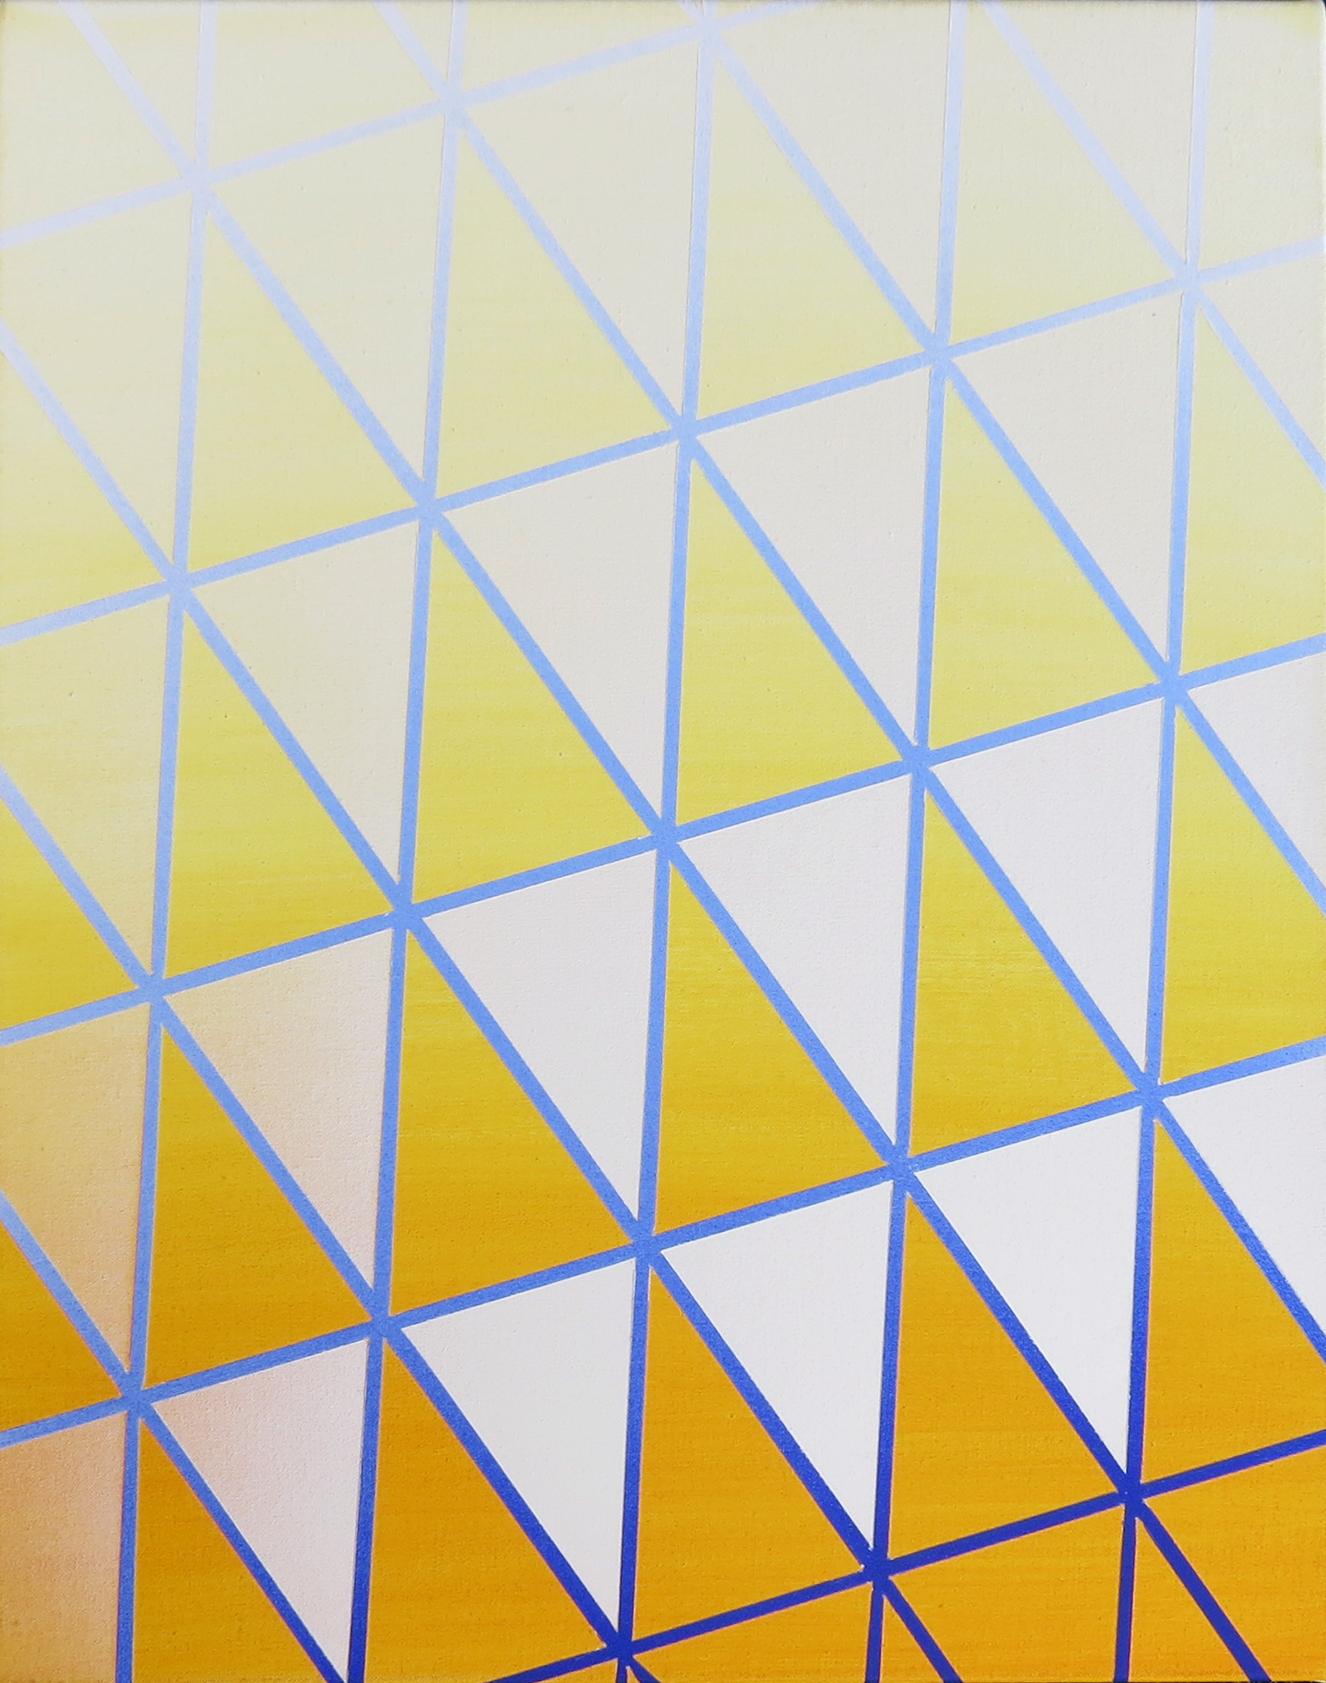 Oscillate #3, 40 x 50cm, Acrylic on canvas, 2016.jpg